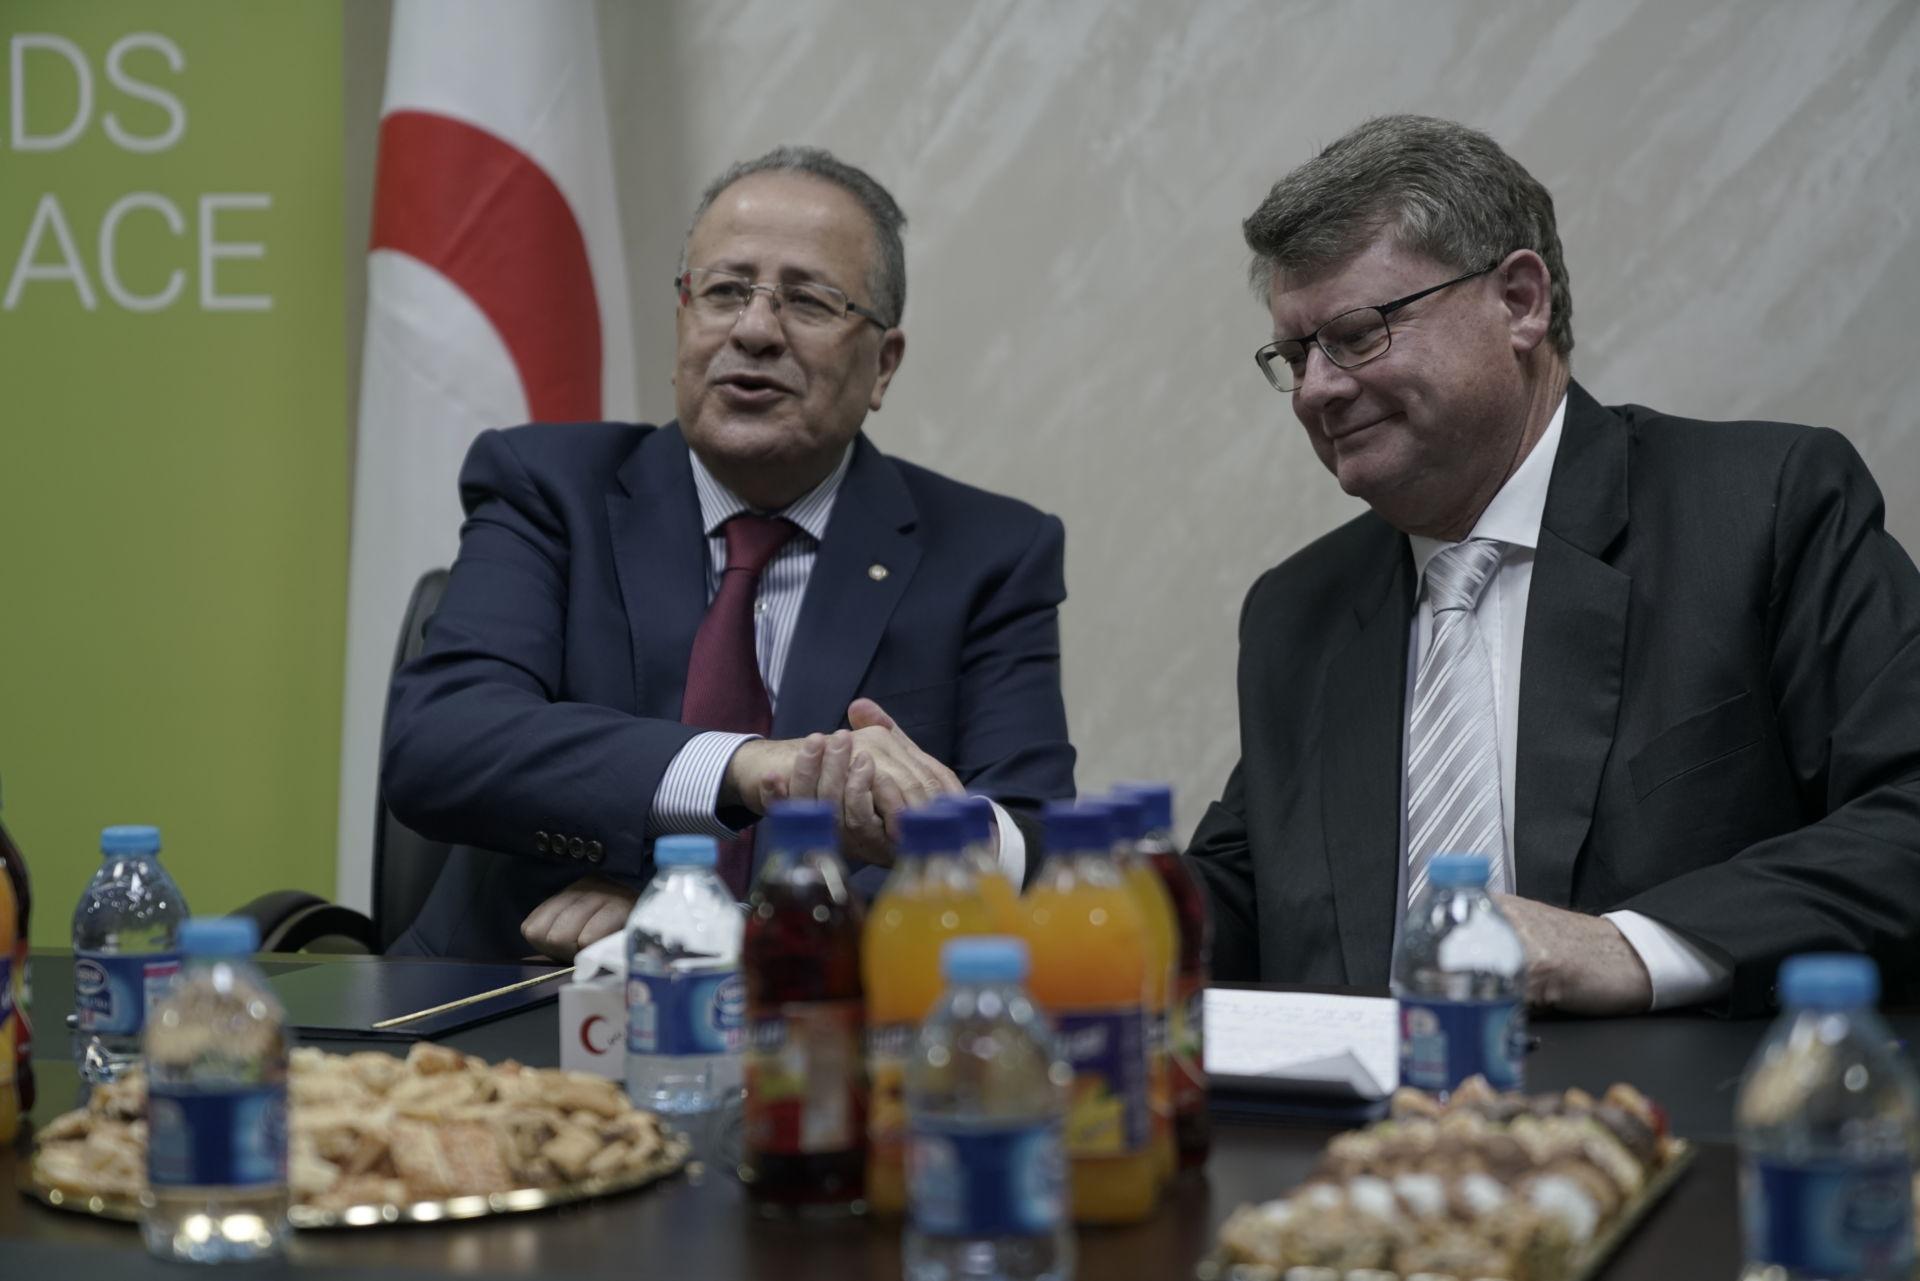 Partnerschaft mit dem Roten Halbmond Jordanien